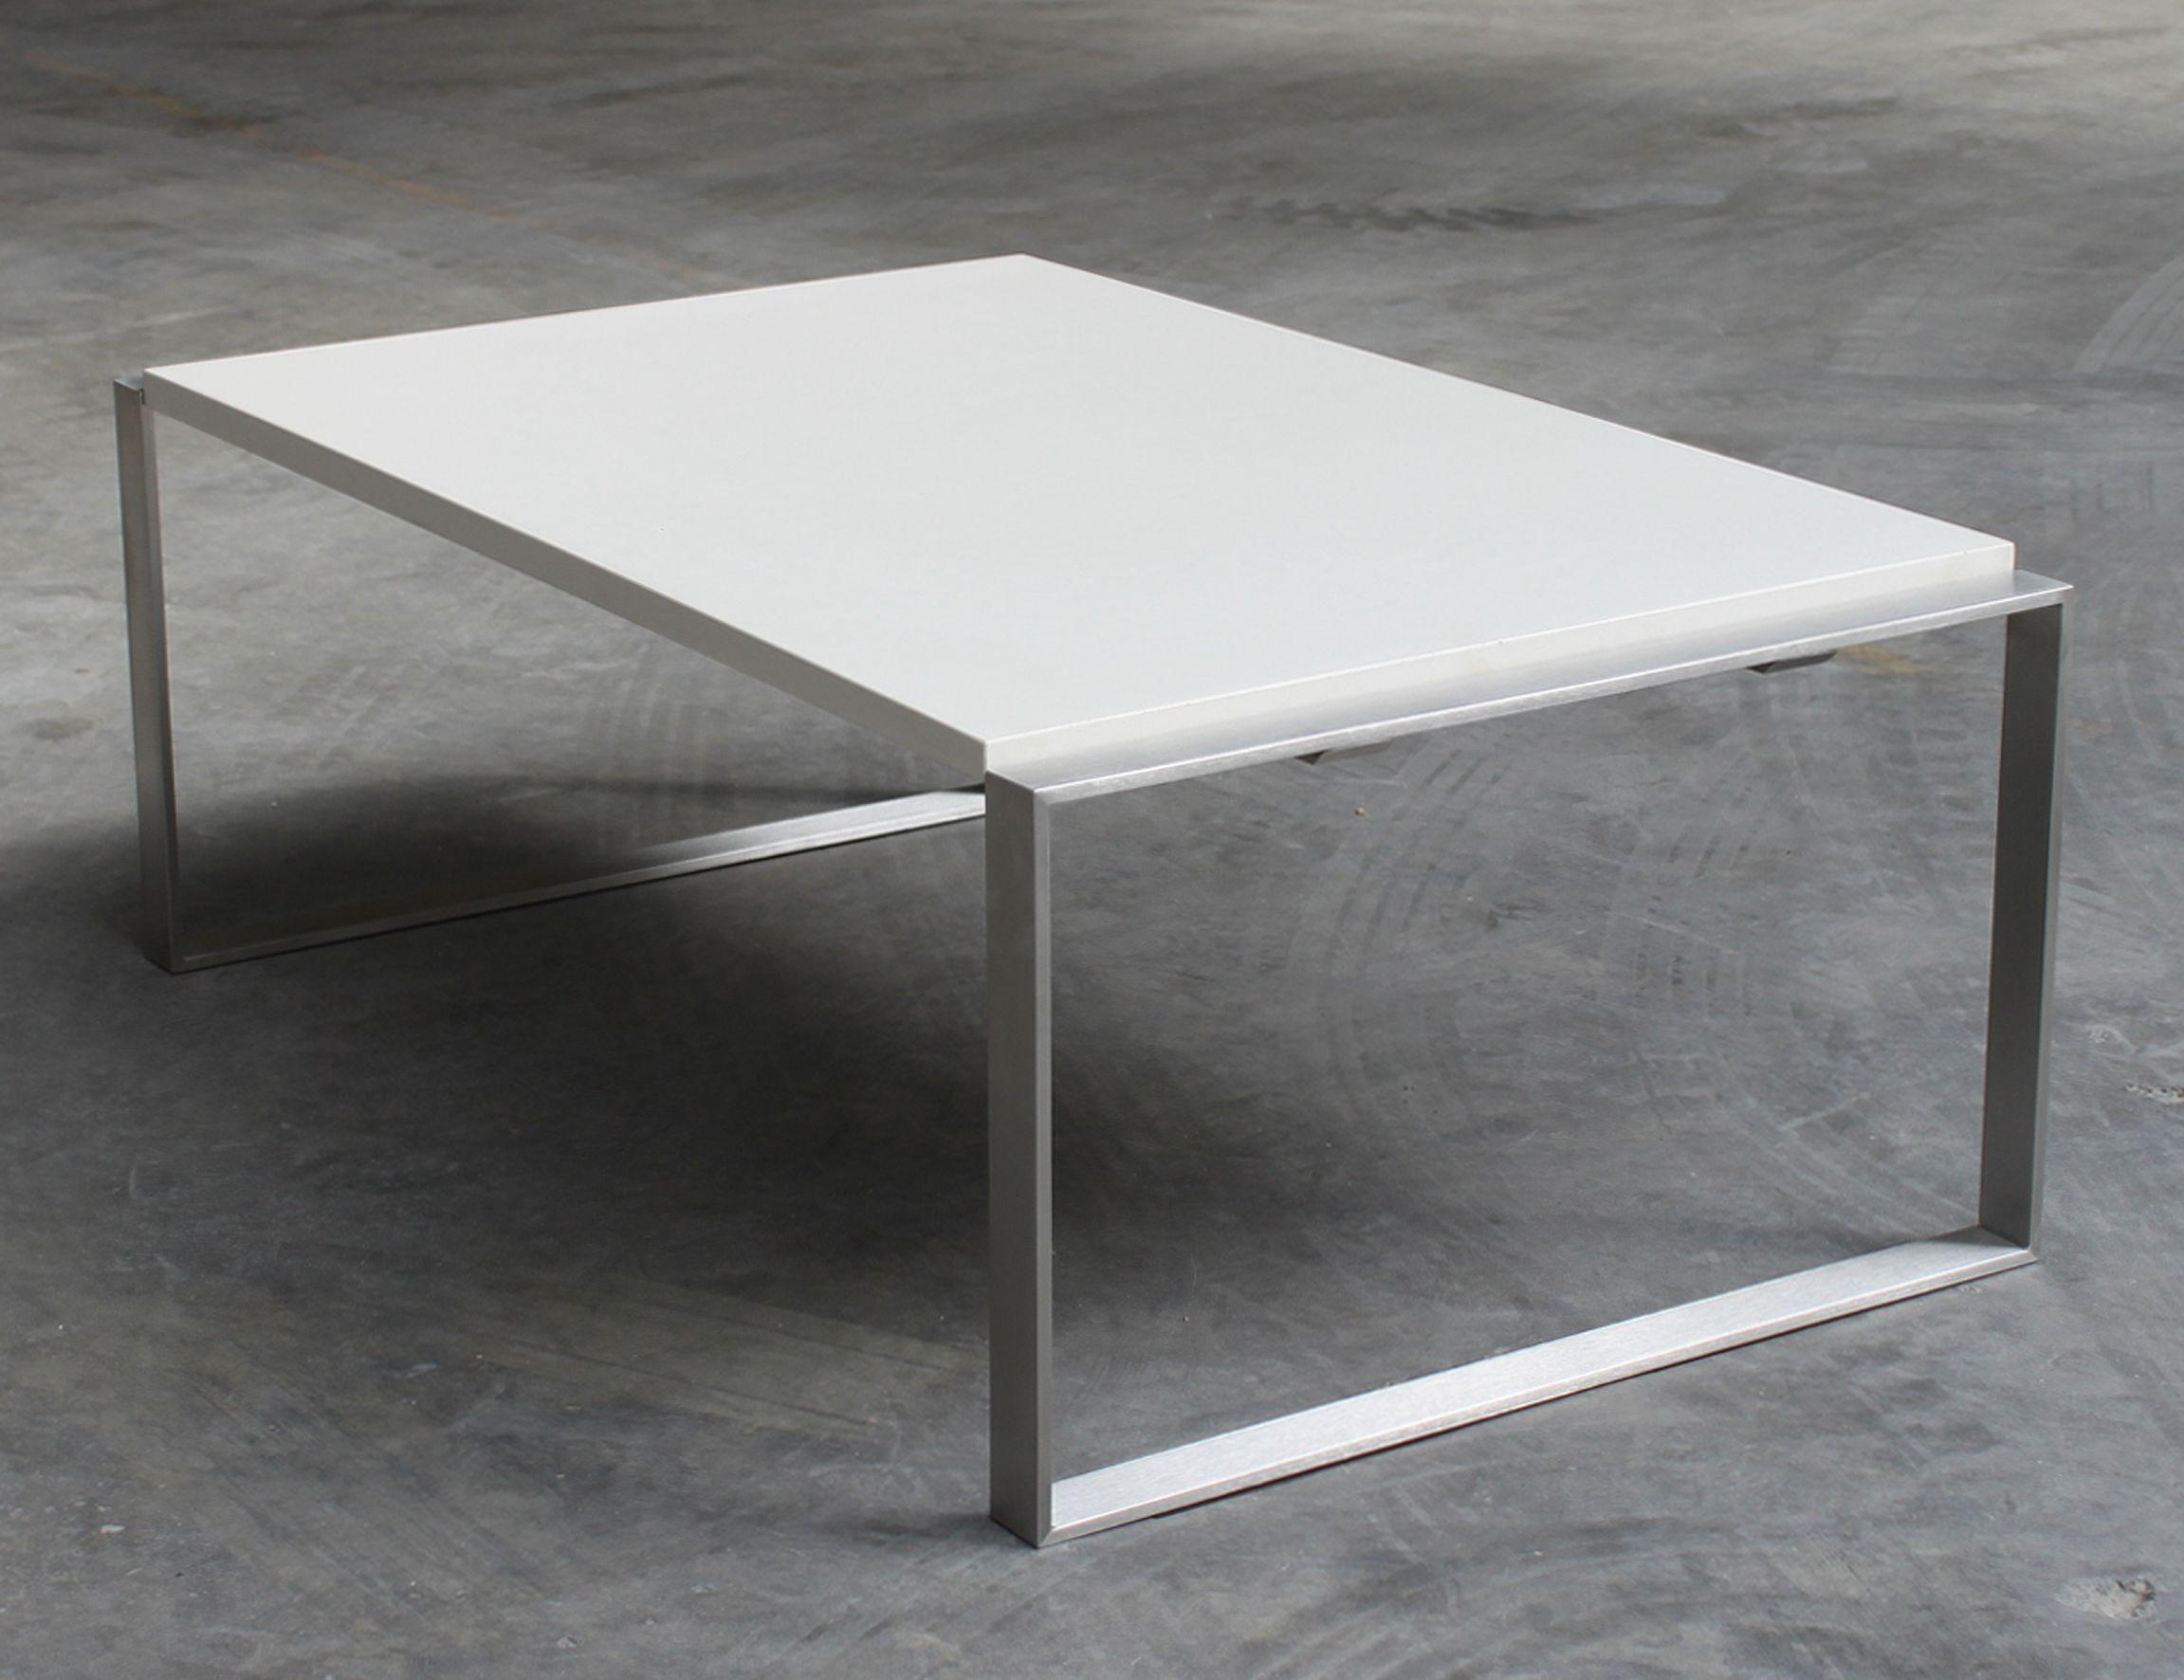 Betontisch Wohnzimmer ~ Loungetisch betontisch beton stahl grey elegant wohnzimmer